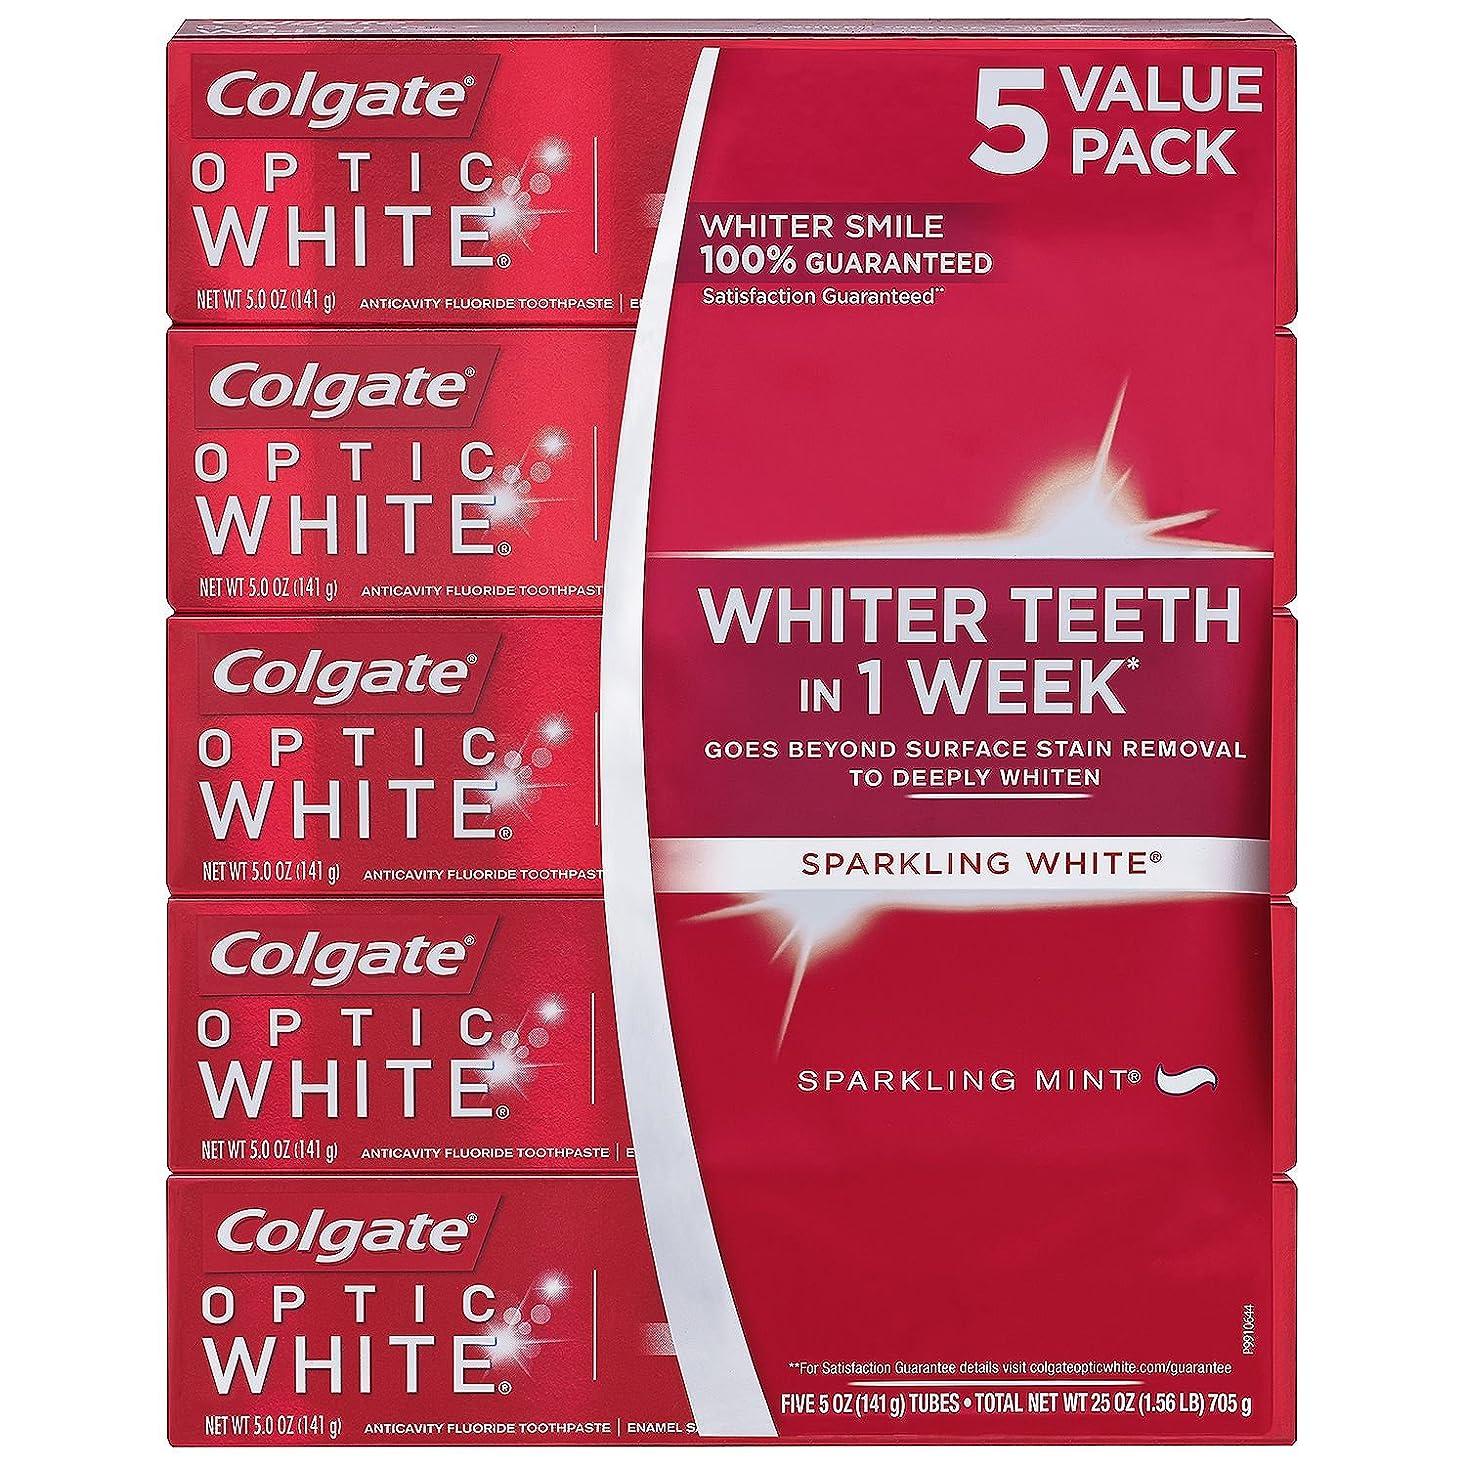 ラインナップフィヨルドブラウズ海外直送品 Colgate Optic White コルゲート オプティック ホワイト スパークリングミント141g ×5本 [Pack of 5]